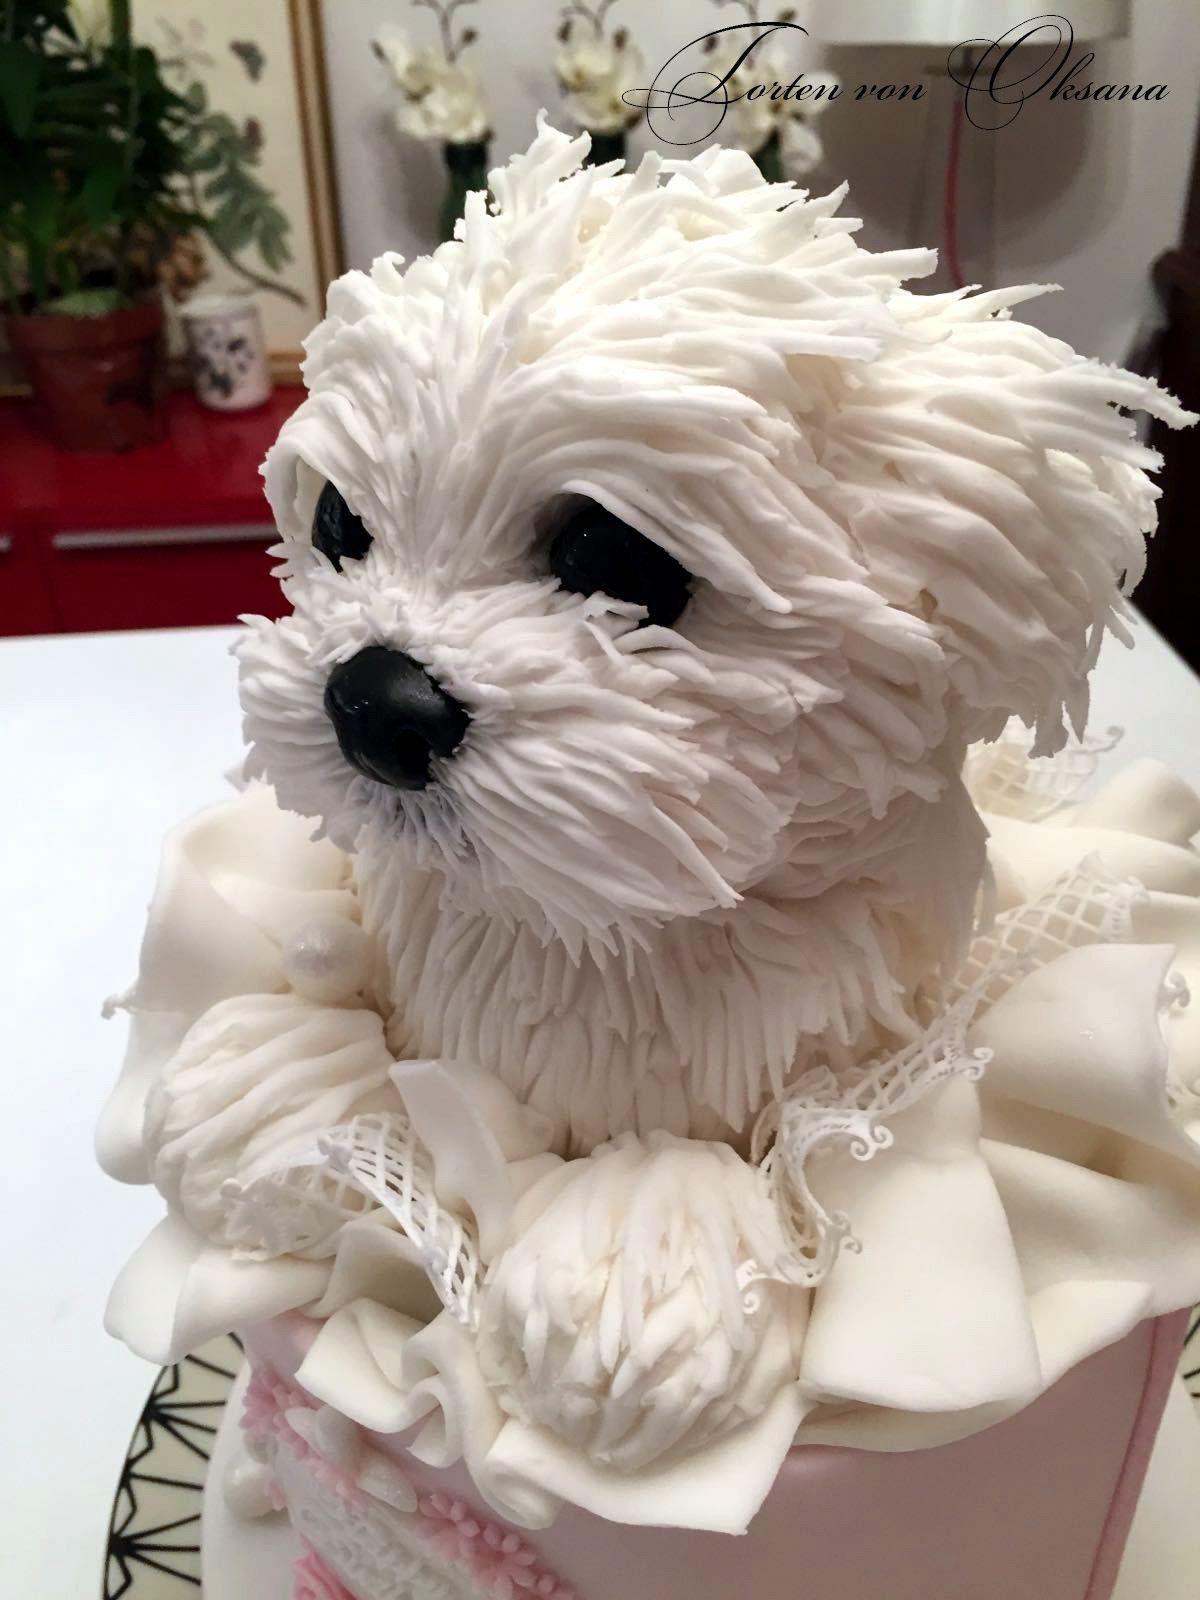 Pin by ursula nejepsa on hunde pinterest cake amazing cakes and